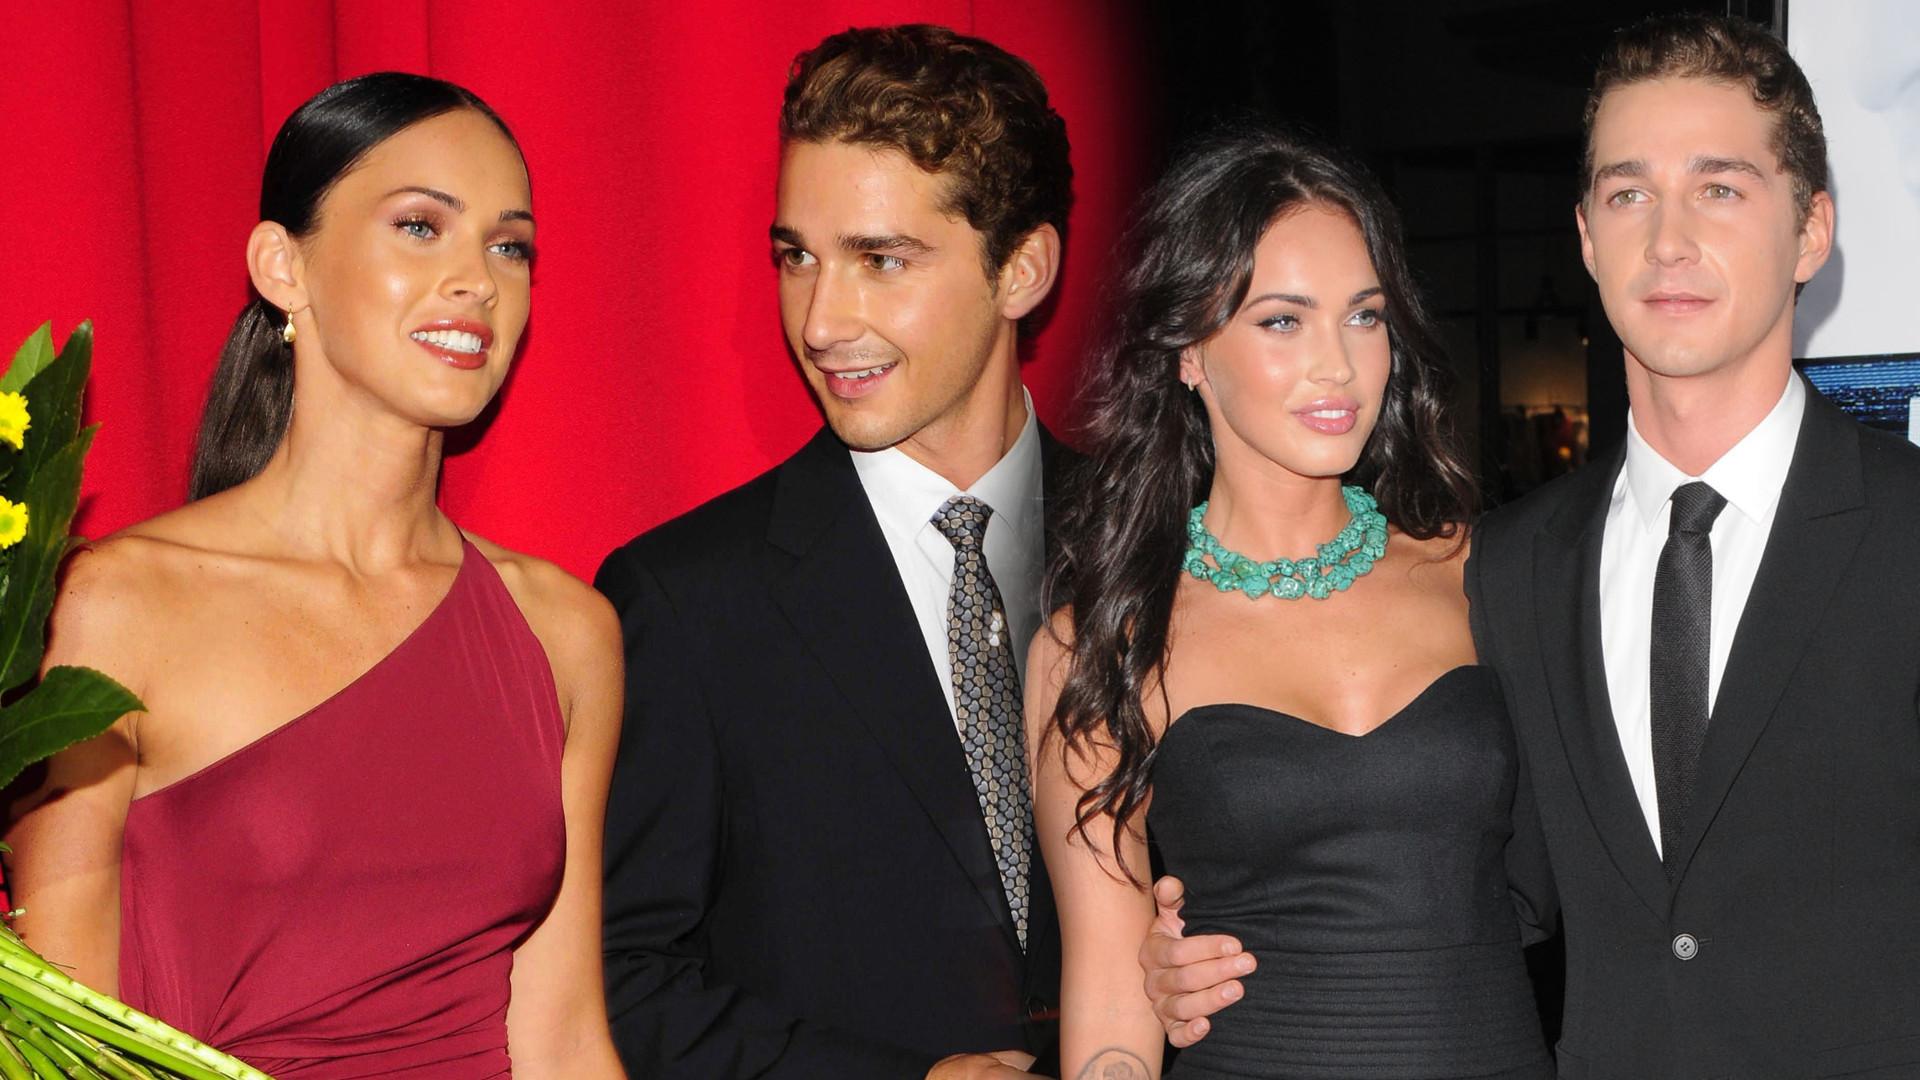 Megan Fox po latach zdradziła, że miała romans z Shią LaBeouf